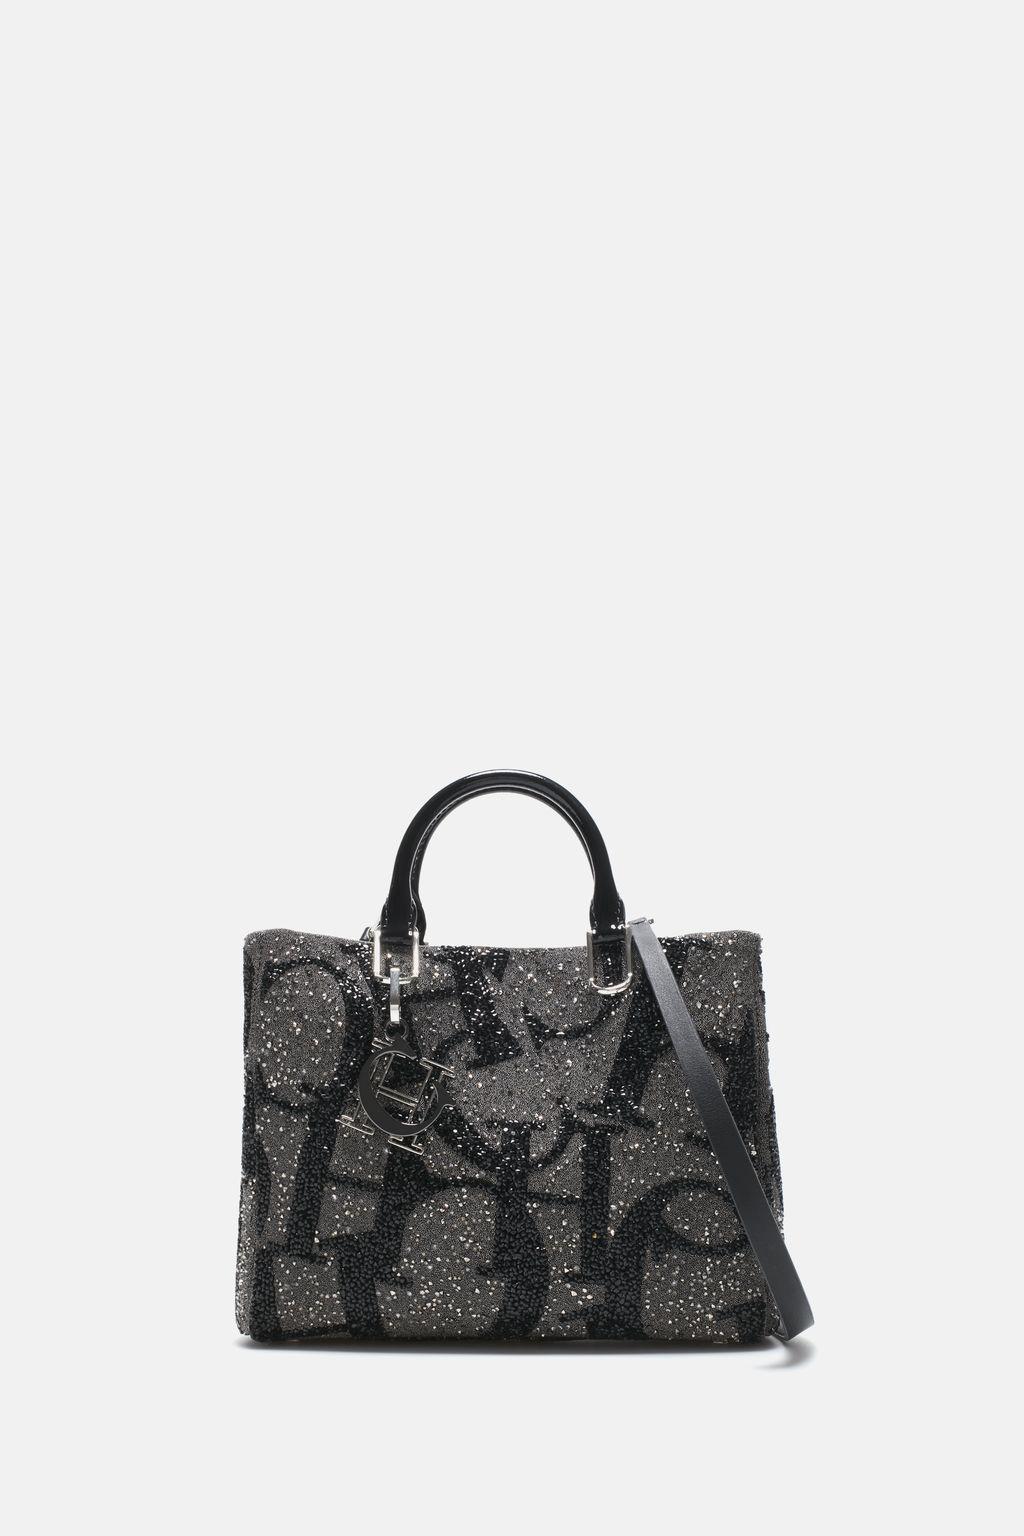 Duchess   Medium handbag